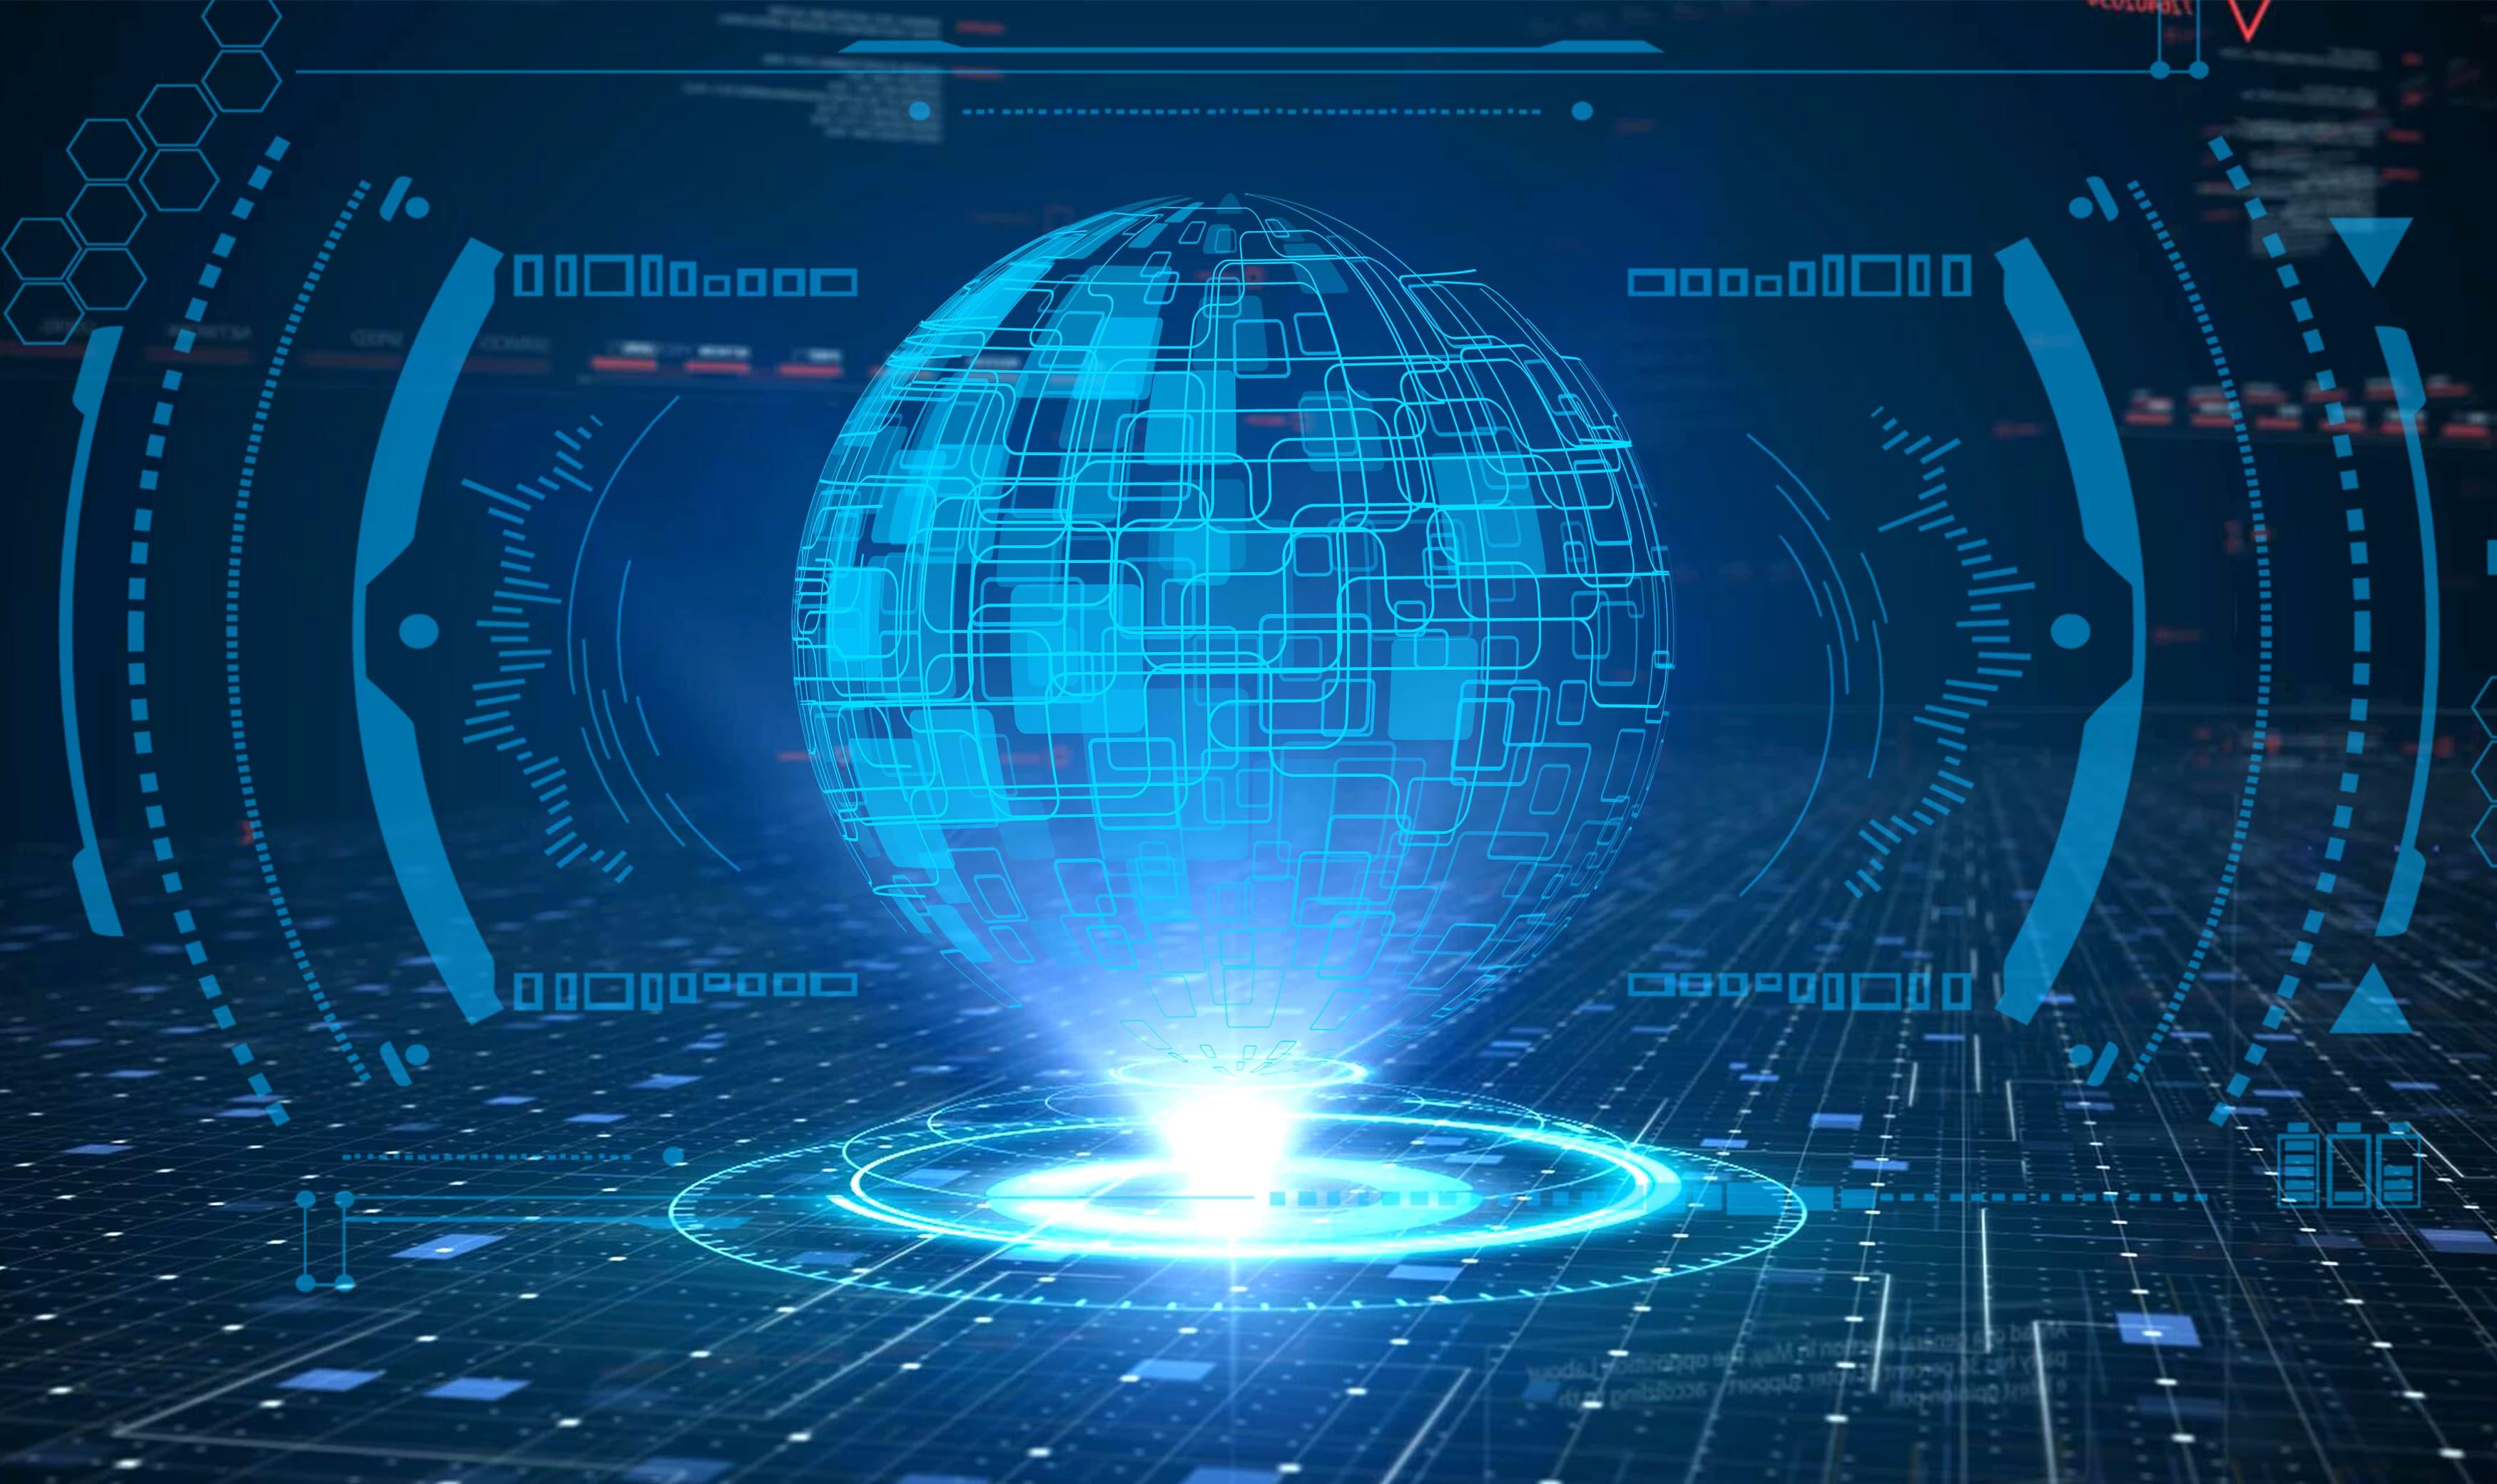 EMR弹性低成本离线大数据分析